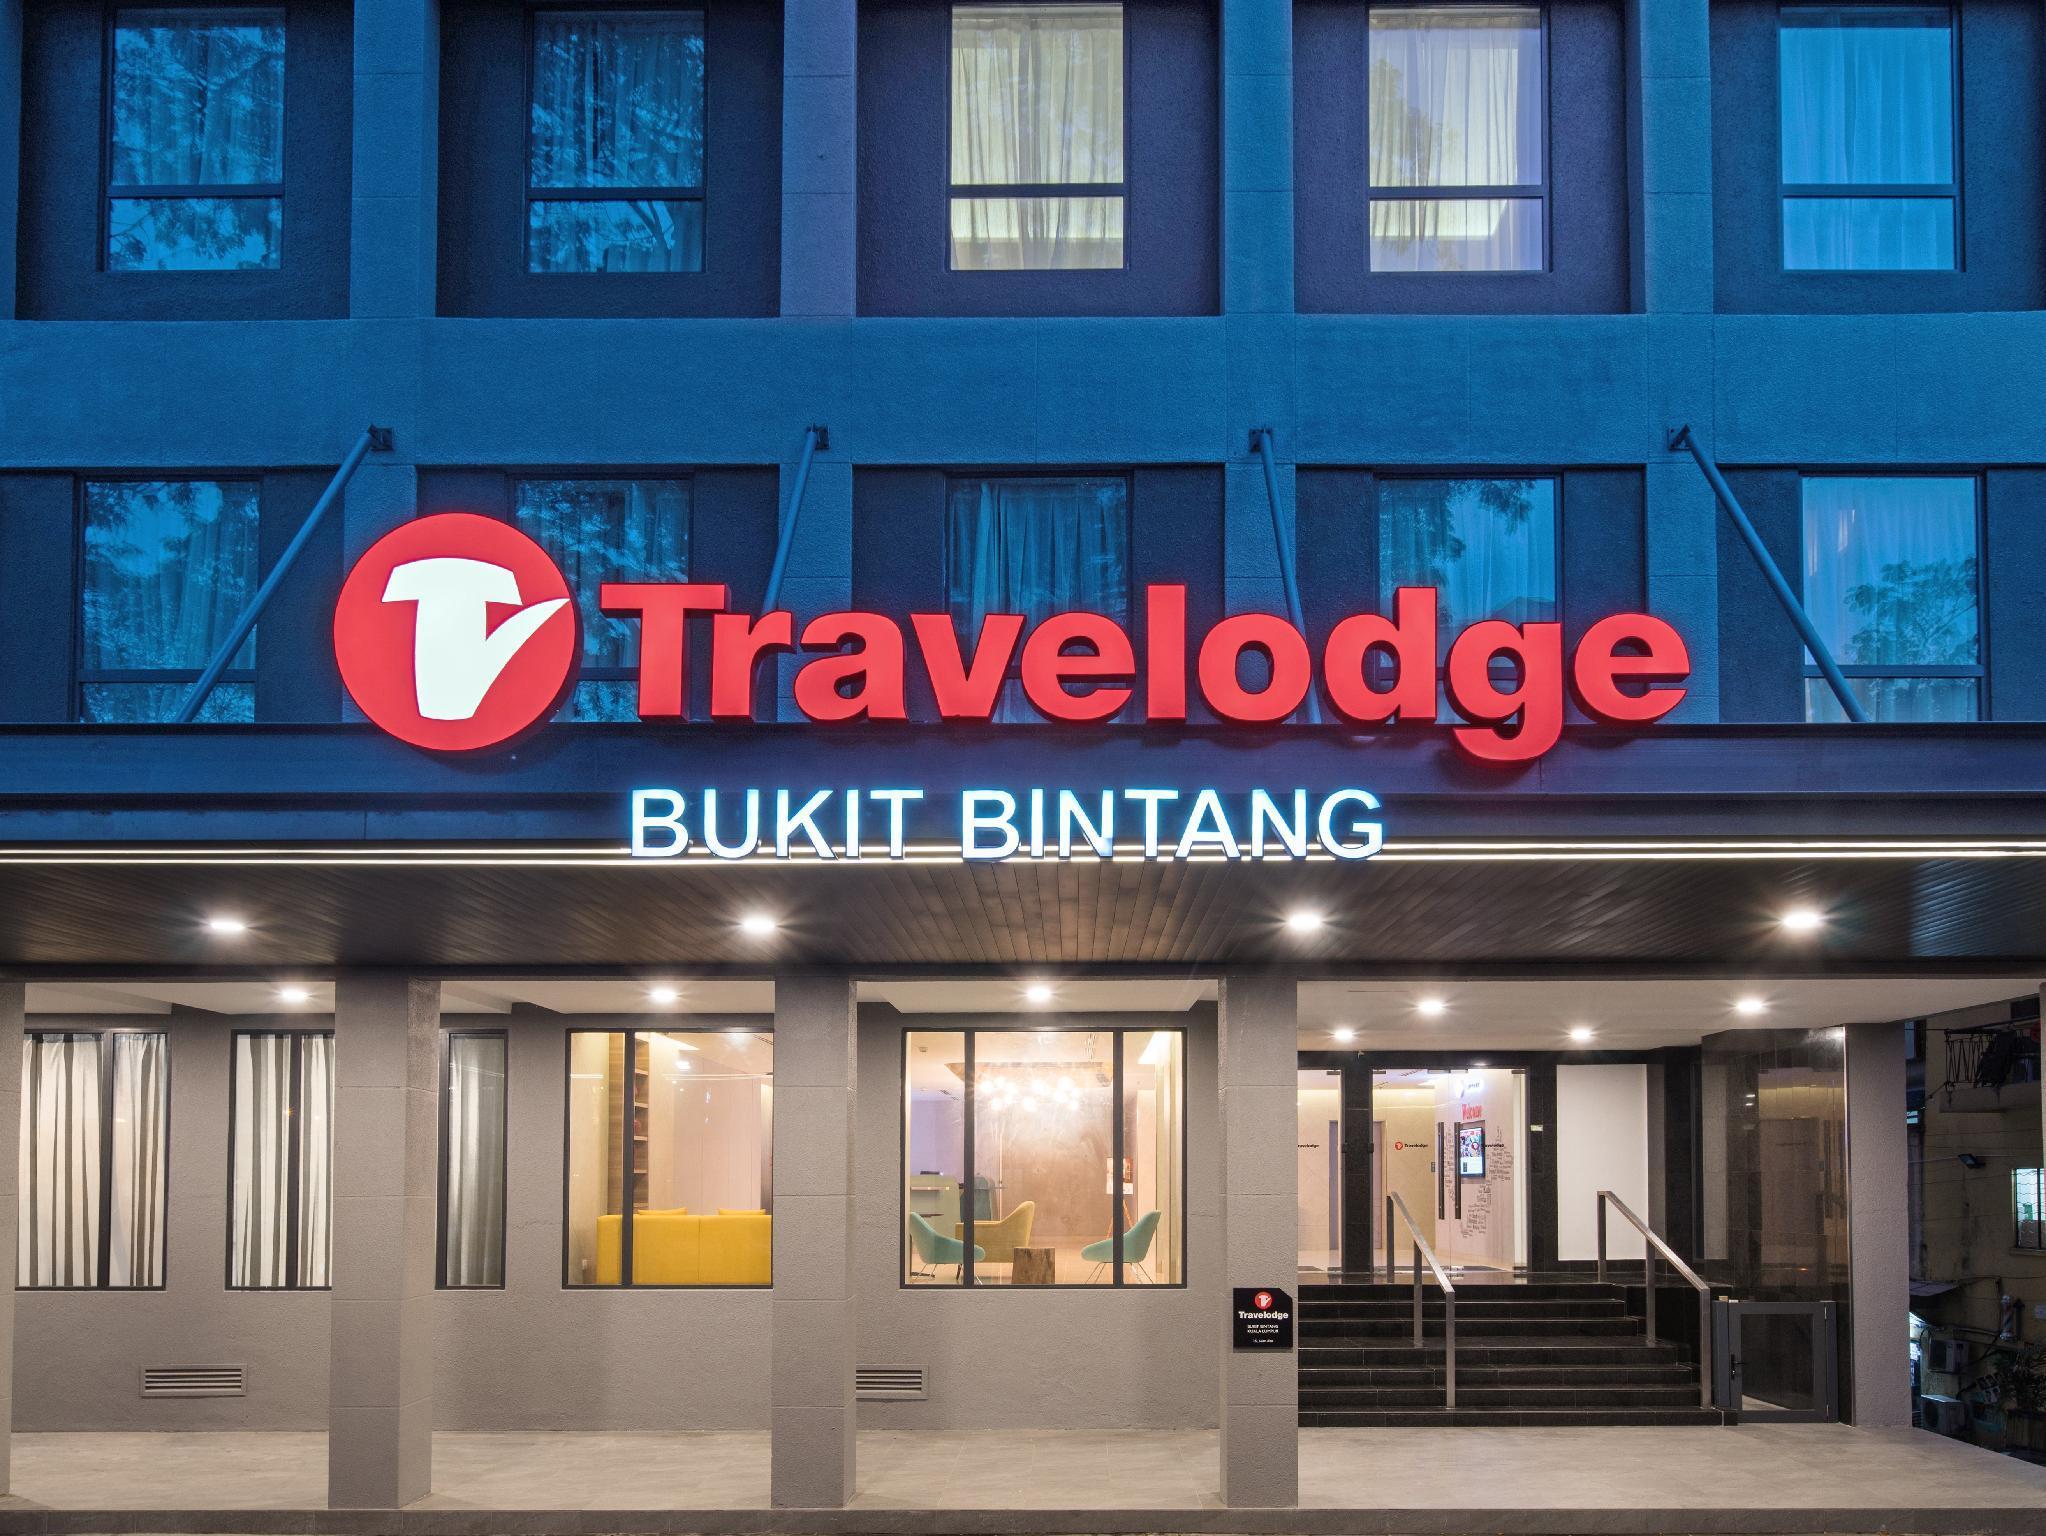 Travelodge Bukit Bintang Kuala Lumpur Malaysia Mulai Dari